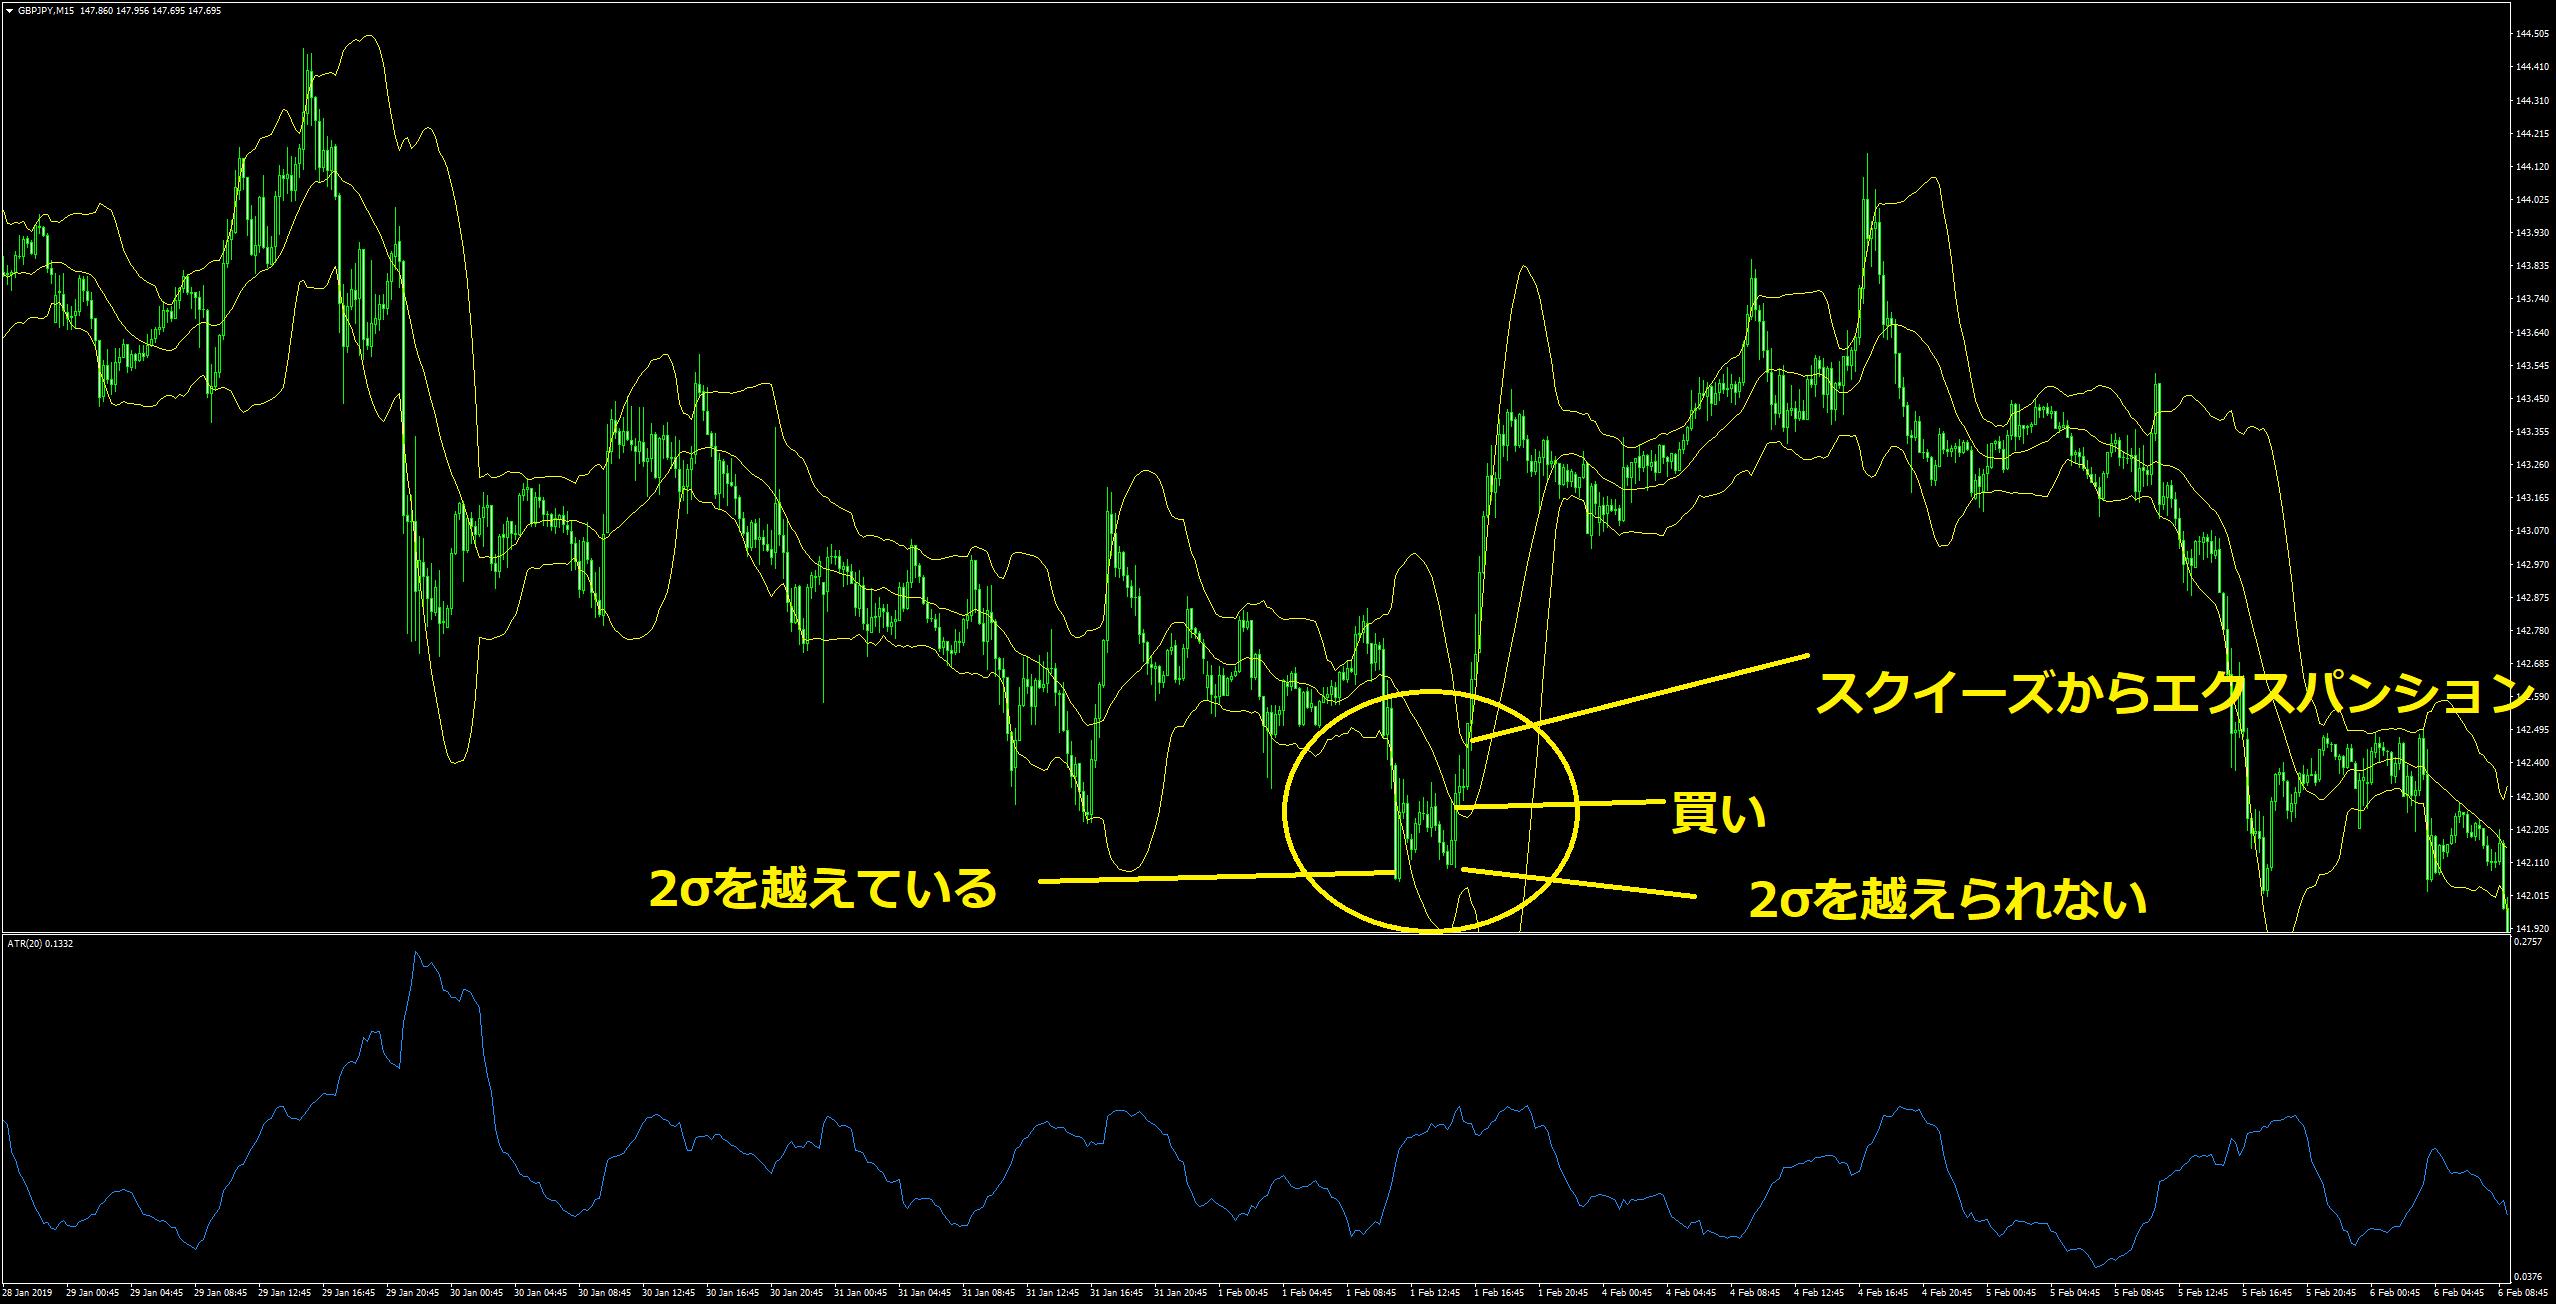 ポンド円15分足w型